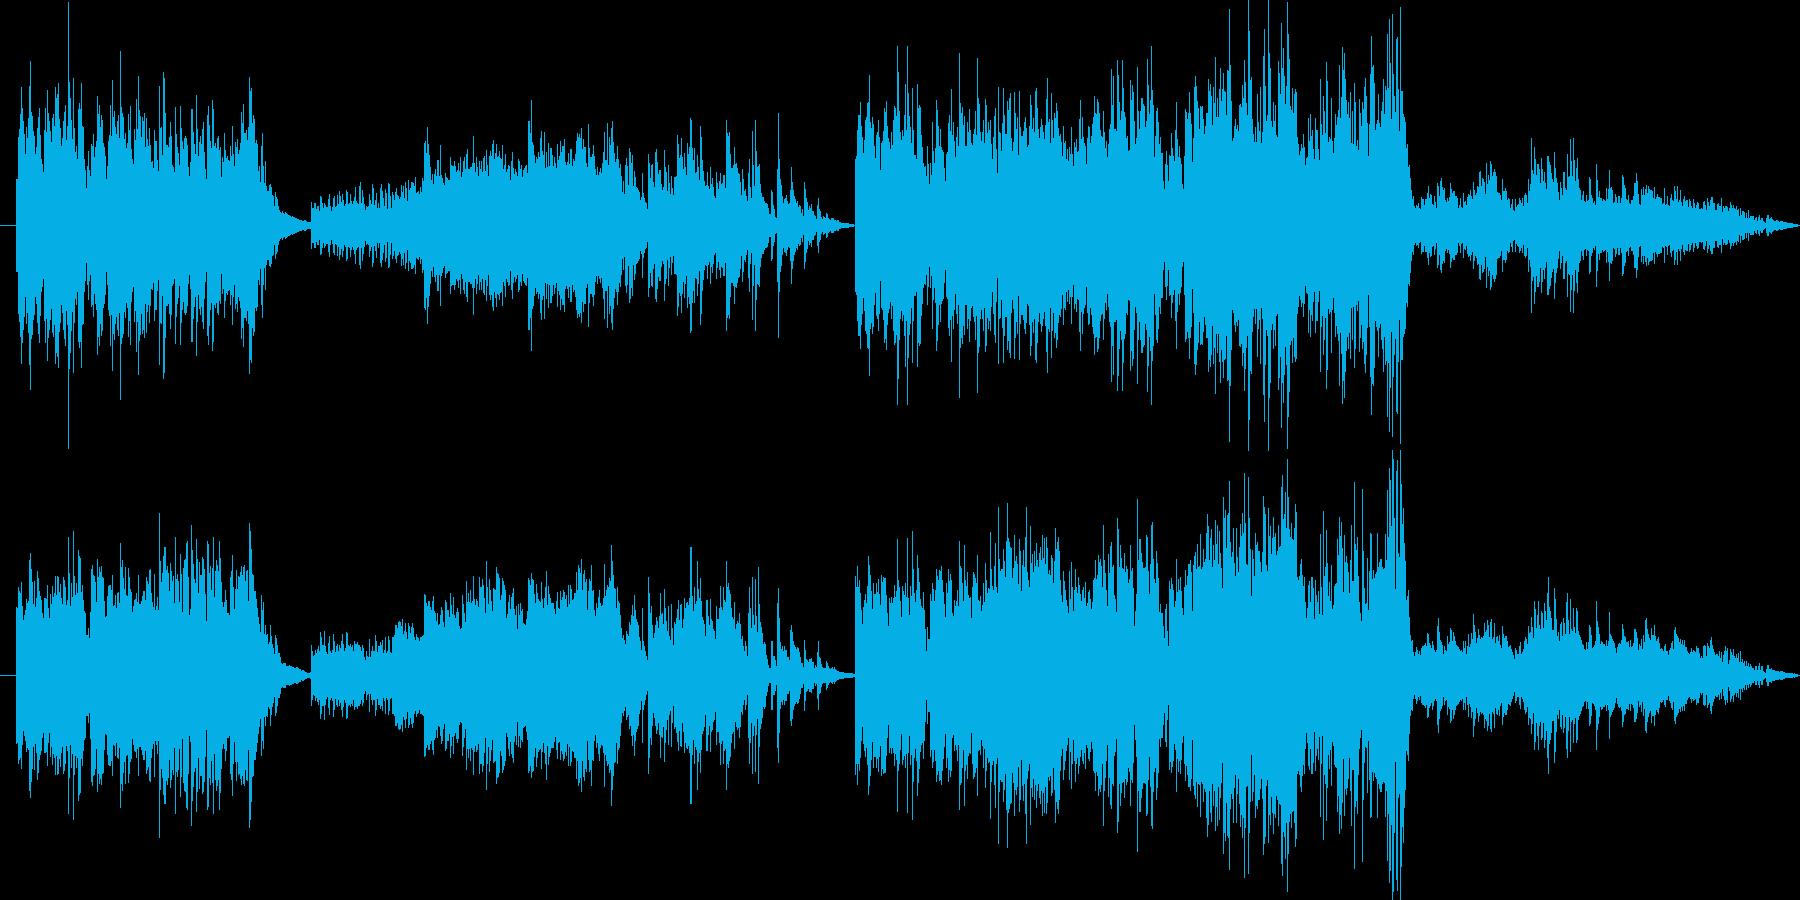 ピアノ独奏、「冬」のイメージです。北風…の再生済みの波形